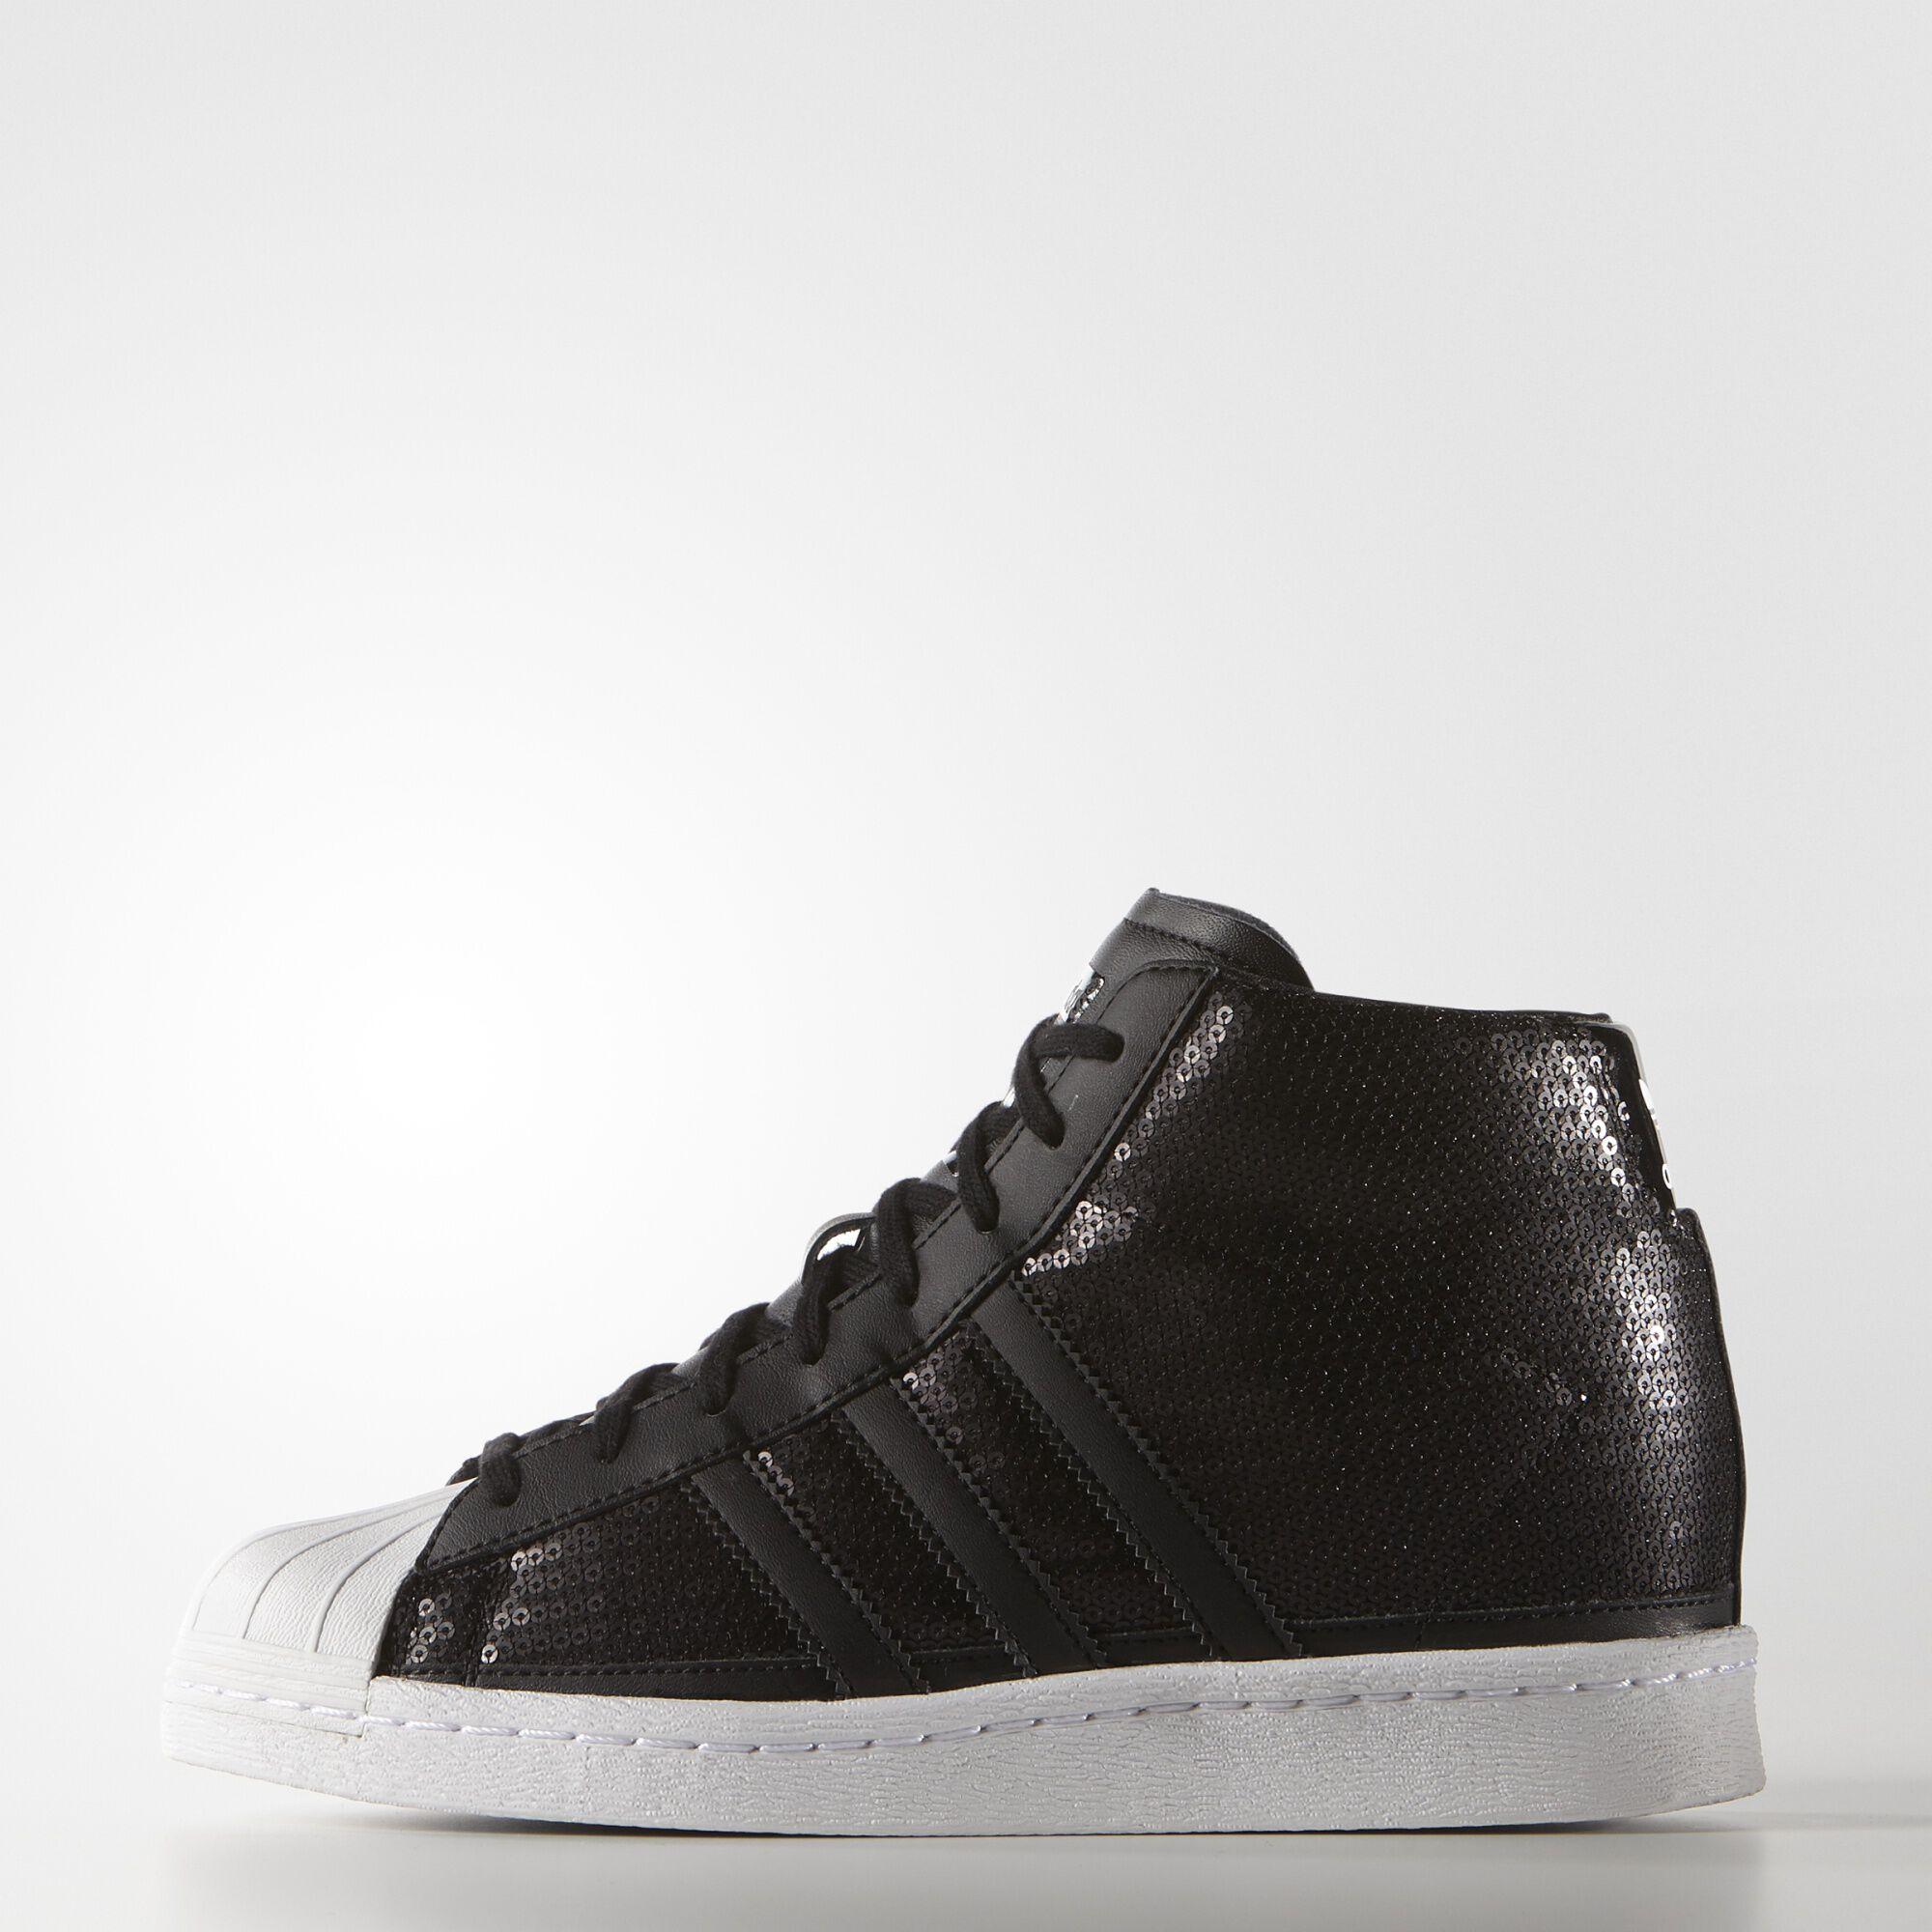 Adidas Superstar Up Mujer Zapatillas de Mujer Gris en